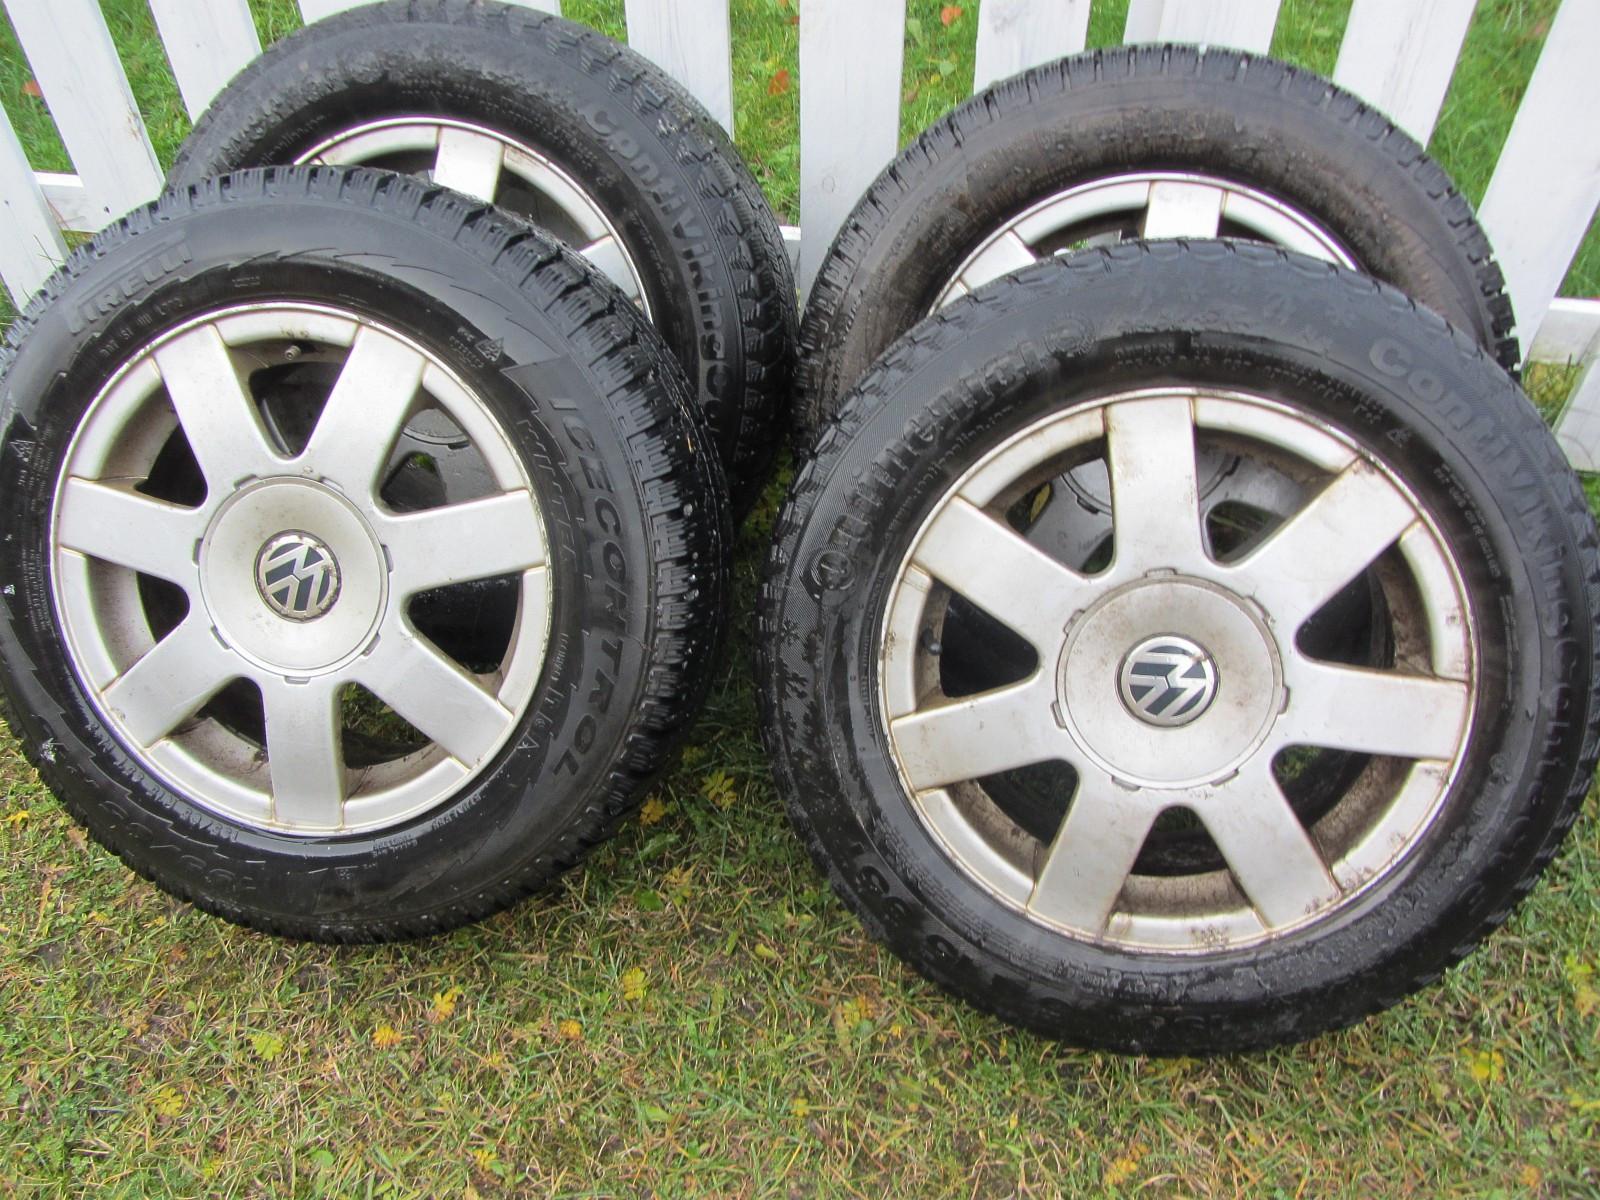 4 stk 195/65 R15 VW.audi Felger med Gode piggfrie vinterdekk for salgs - Verdal  - 4 stk 195/65 R15 VW.audi Felger med Gode piggfrie vinterdekk for salgs. boltsirkel 5x112 Ring:41527034 - Verdal